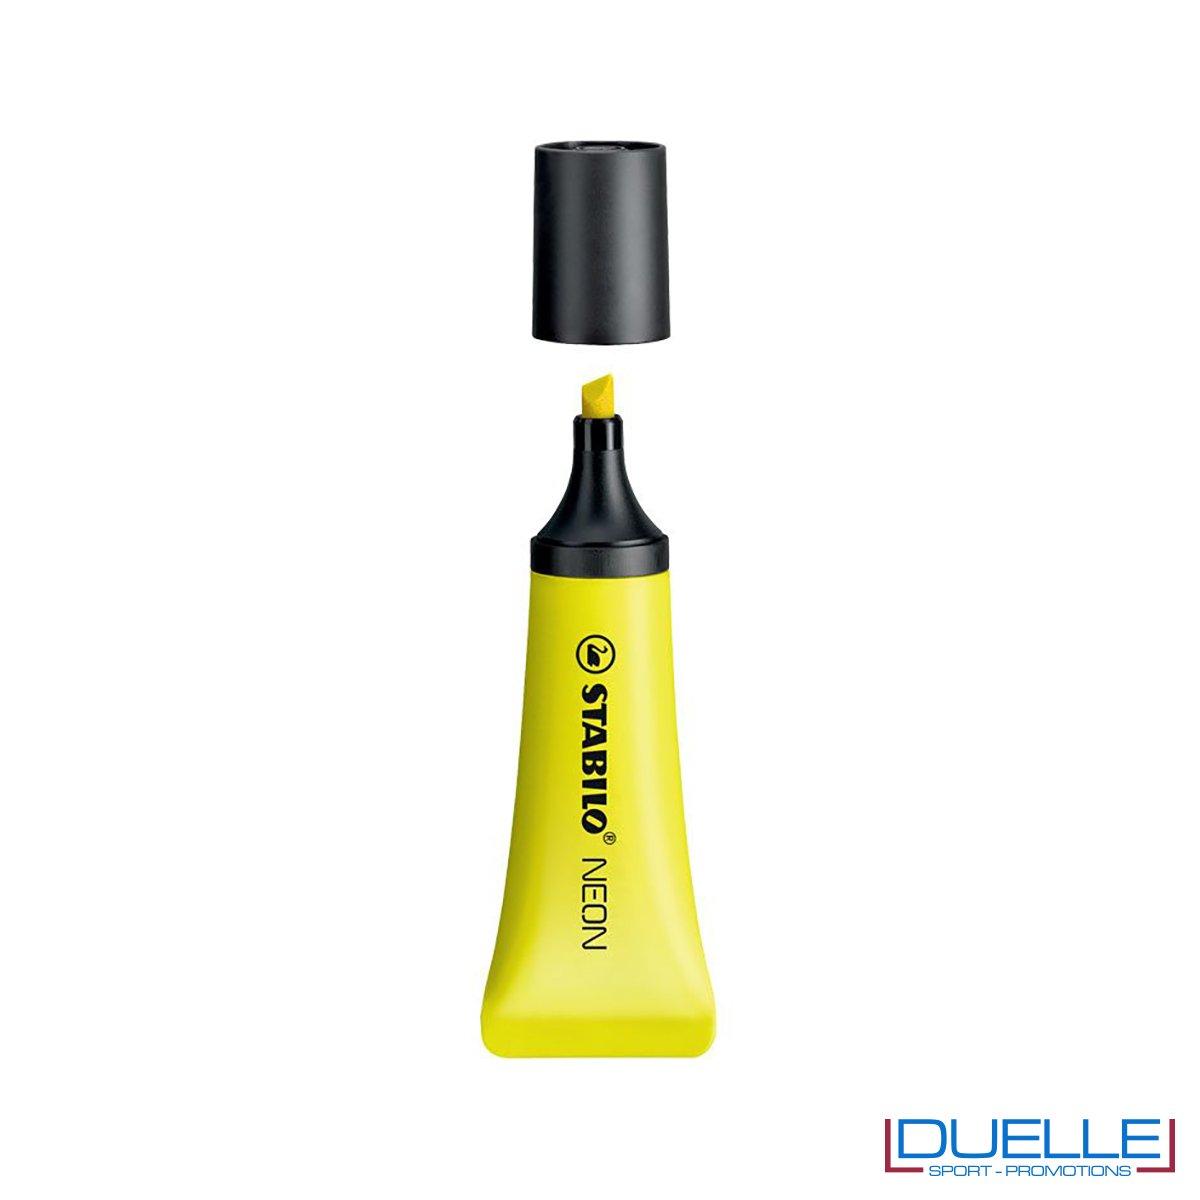 evidenziatore personalizzato stabilo NEON colore giallo, evidenziatori promozionali personalizzati gialli STABILO